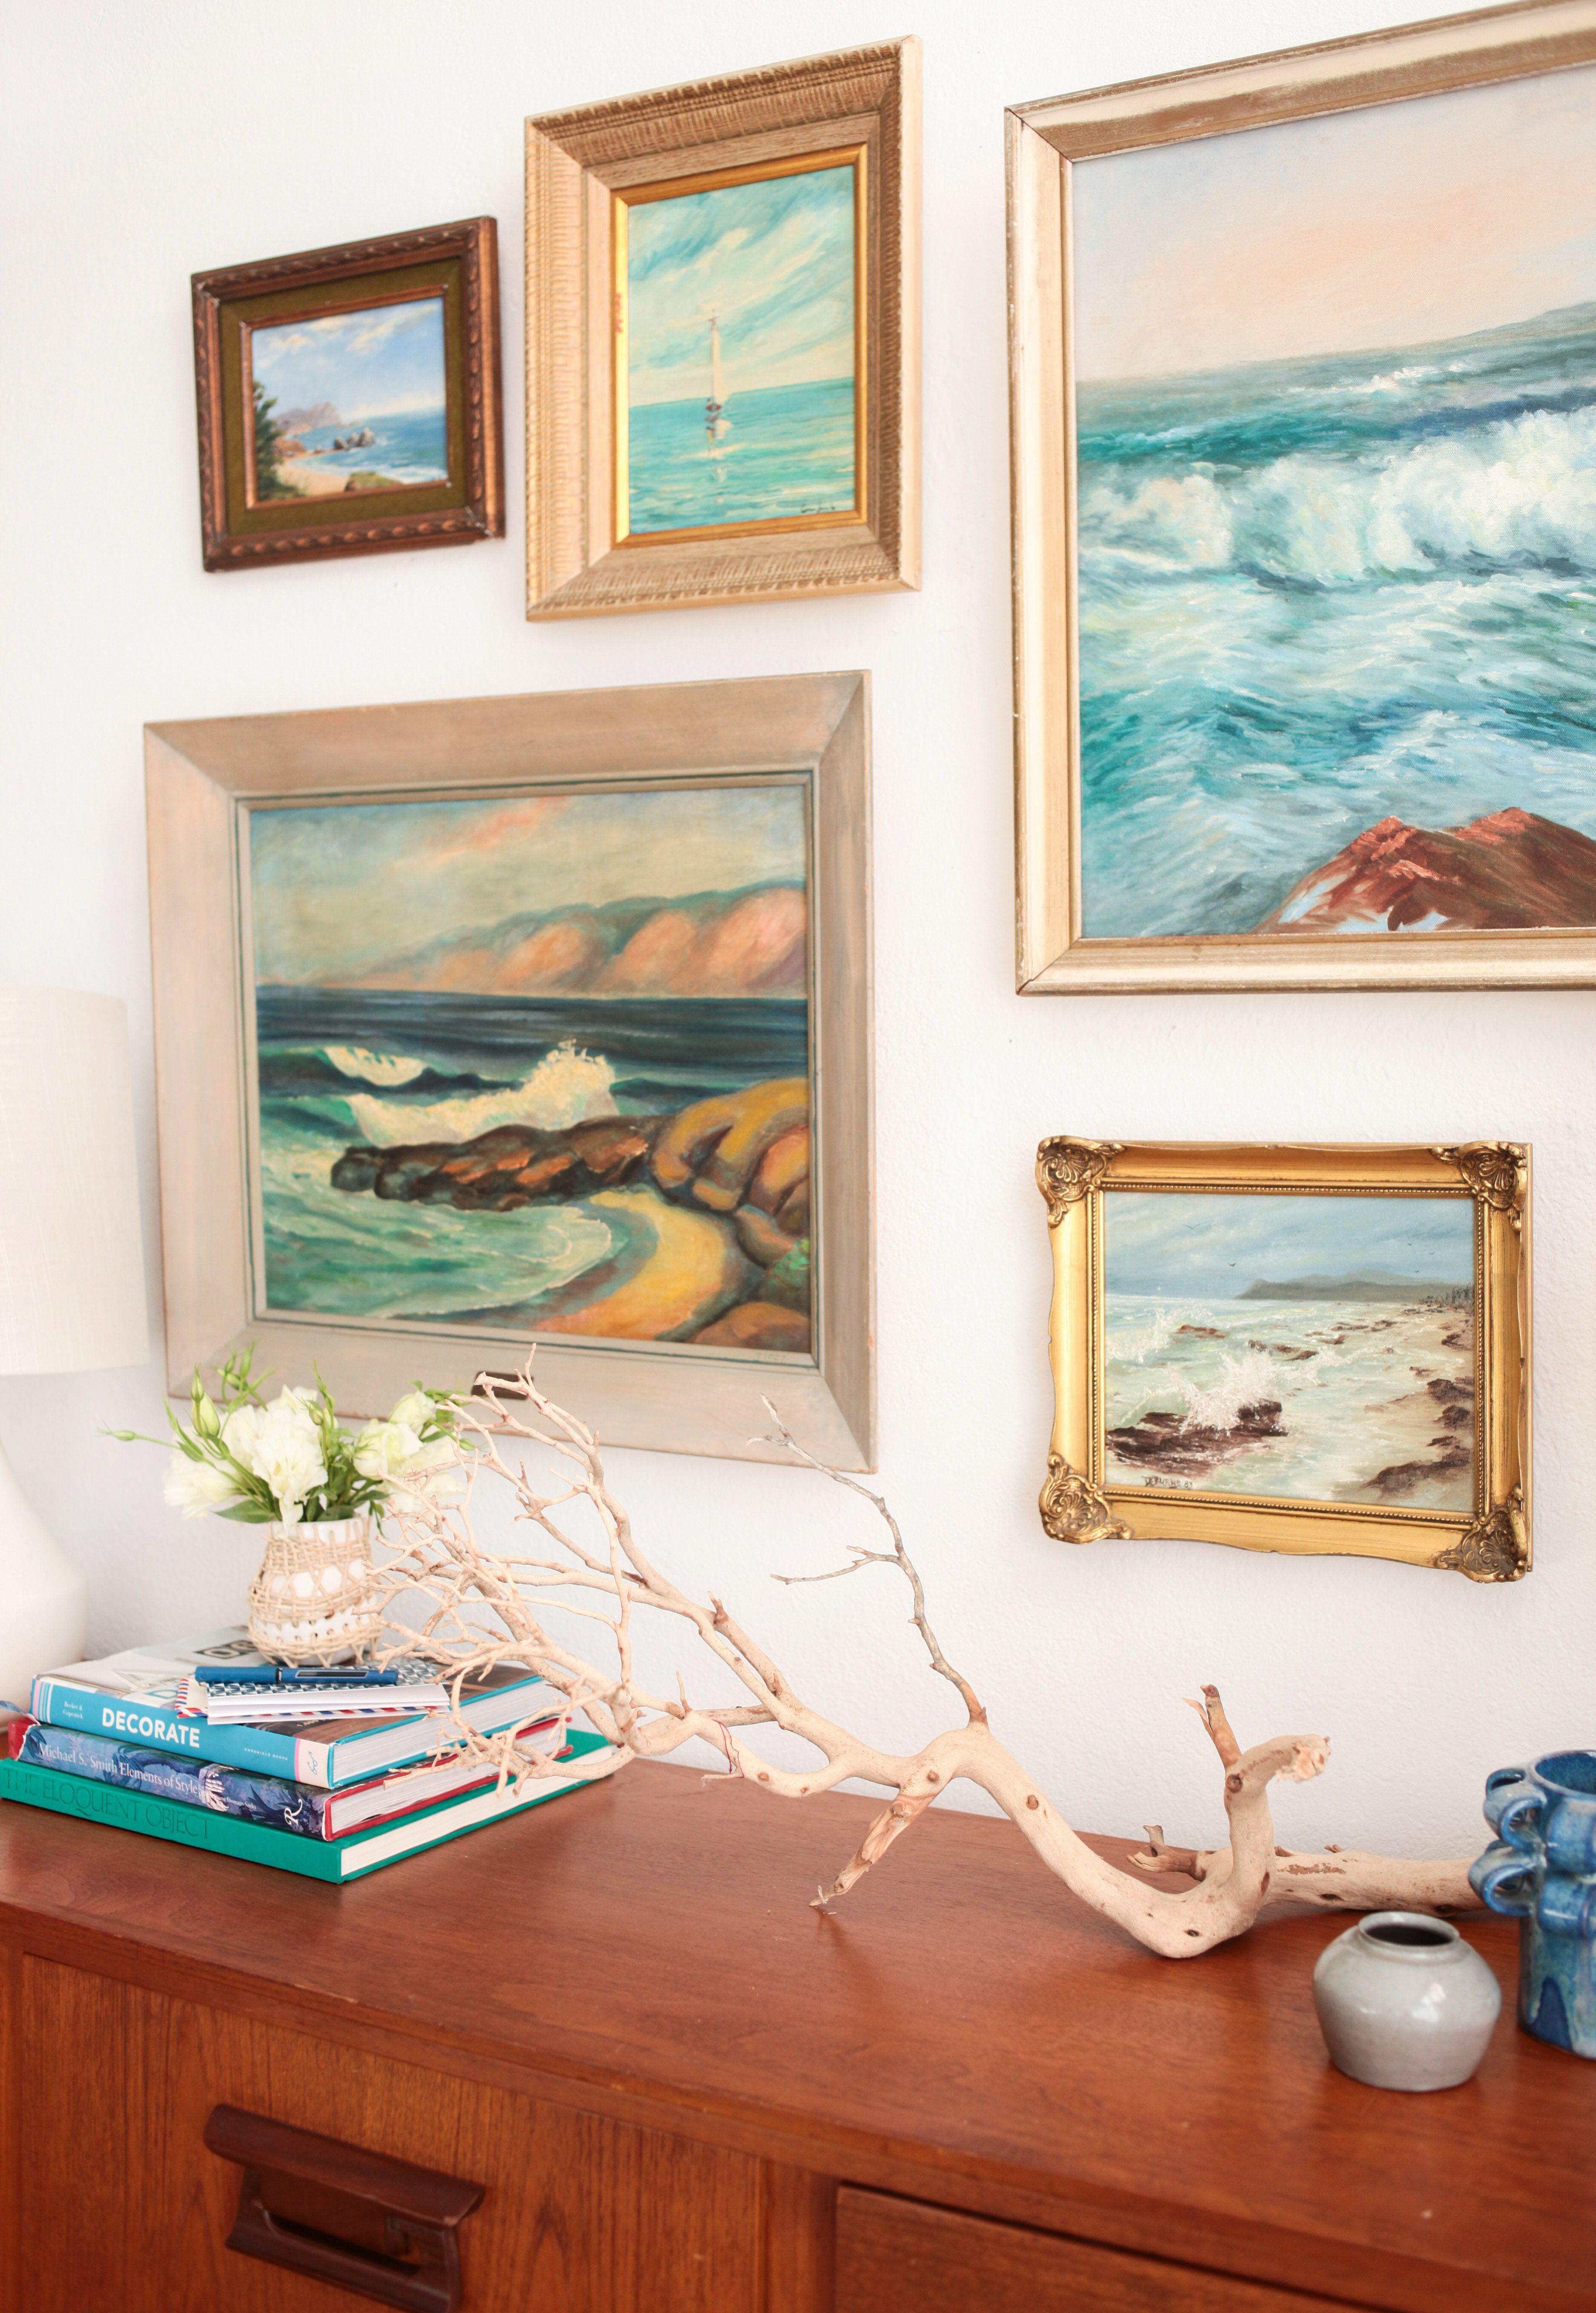 credenza ways midcentury coastal and a vote decor